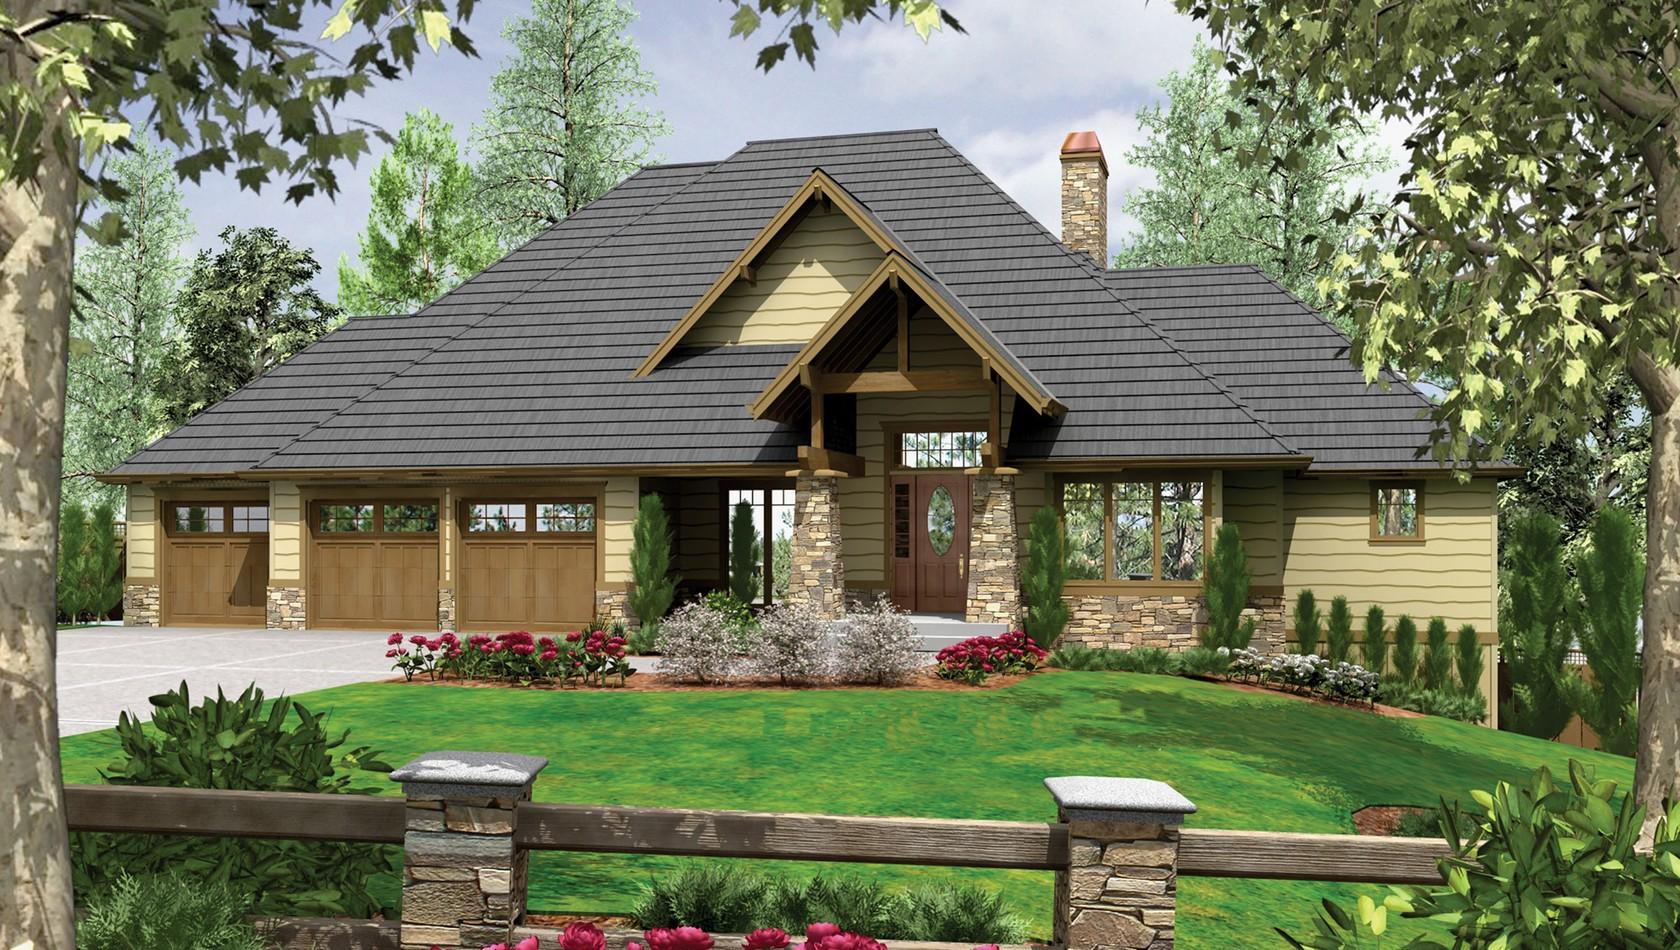 Mascord House Plan 1324: The Lenhart